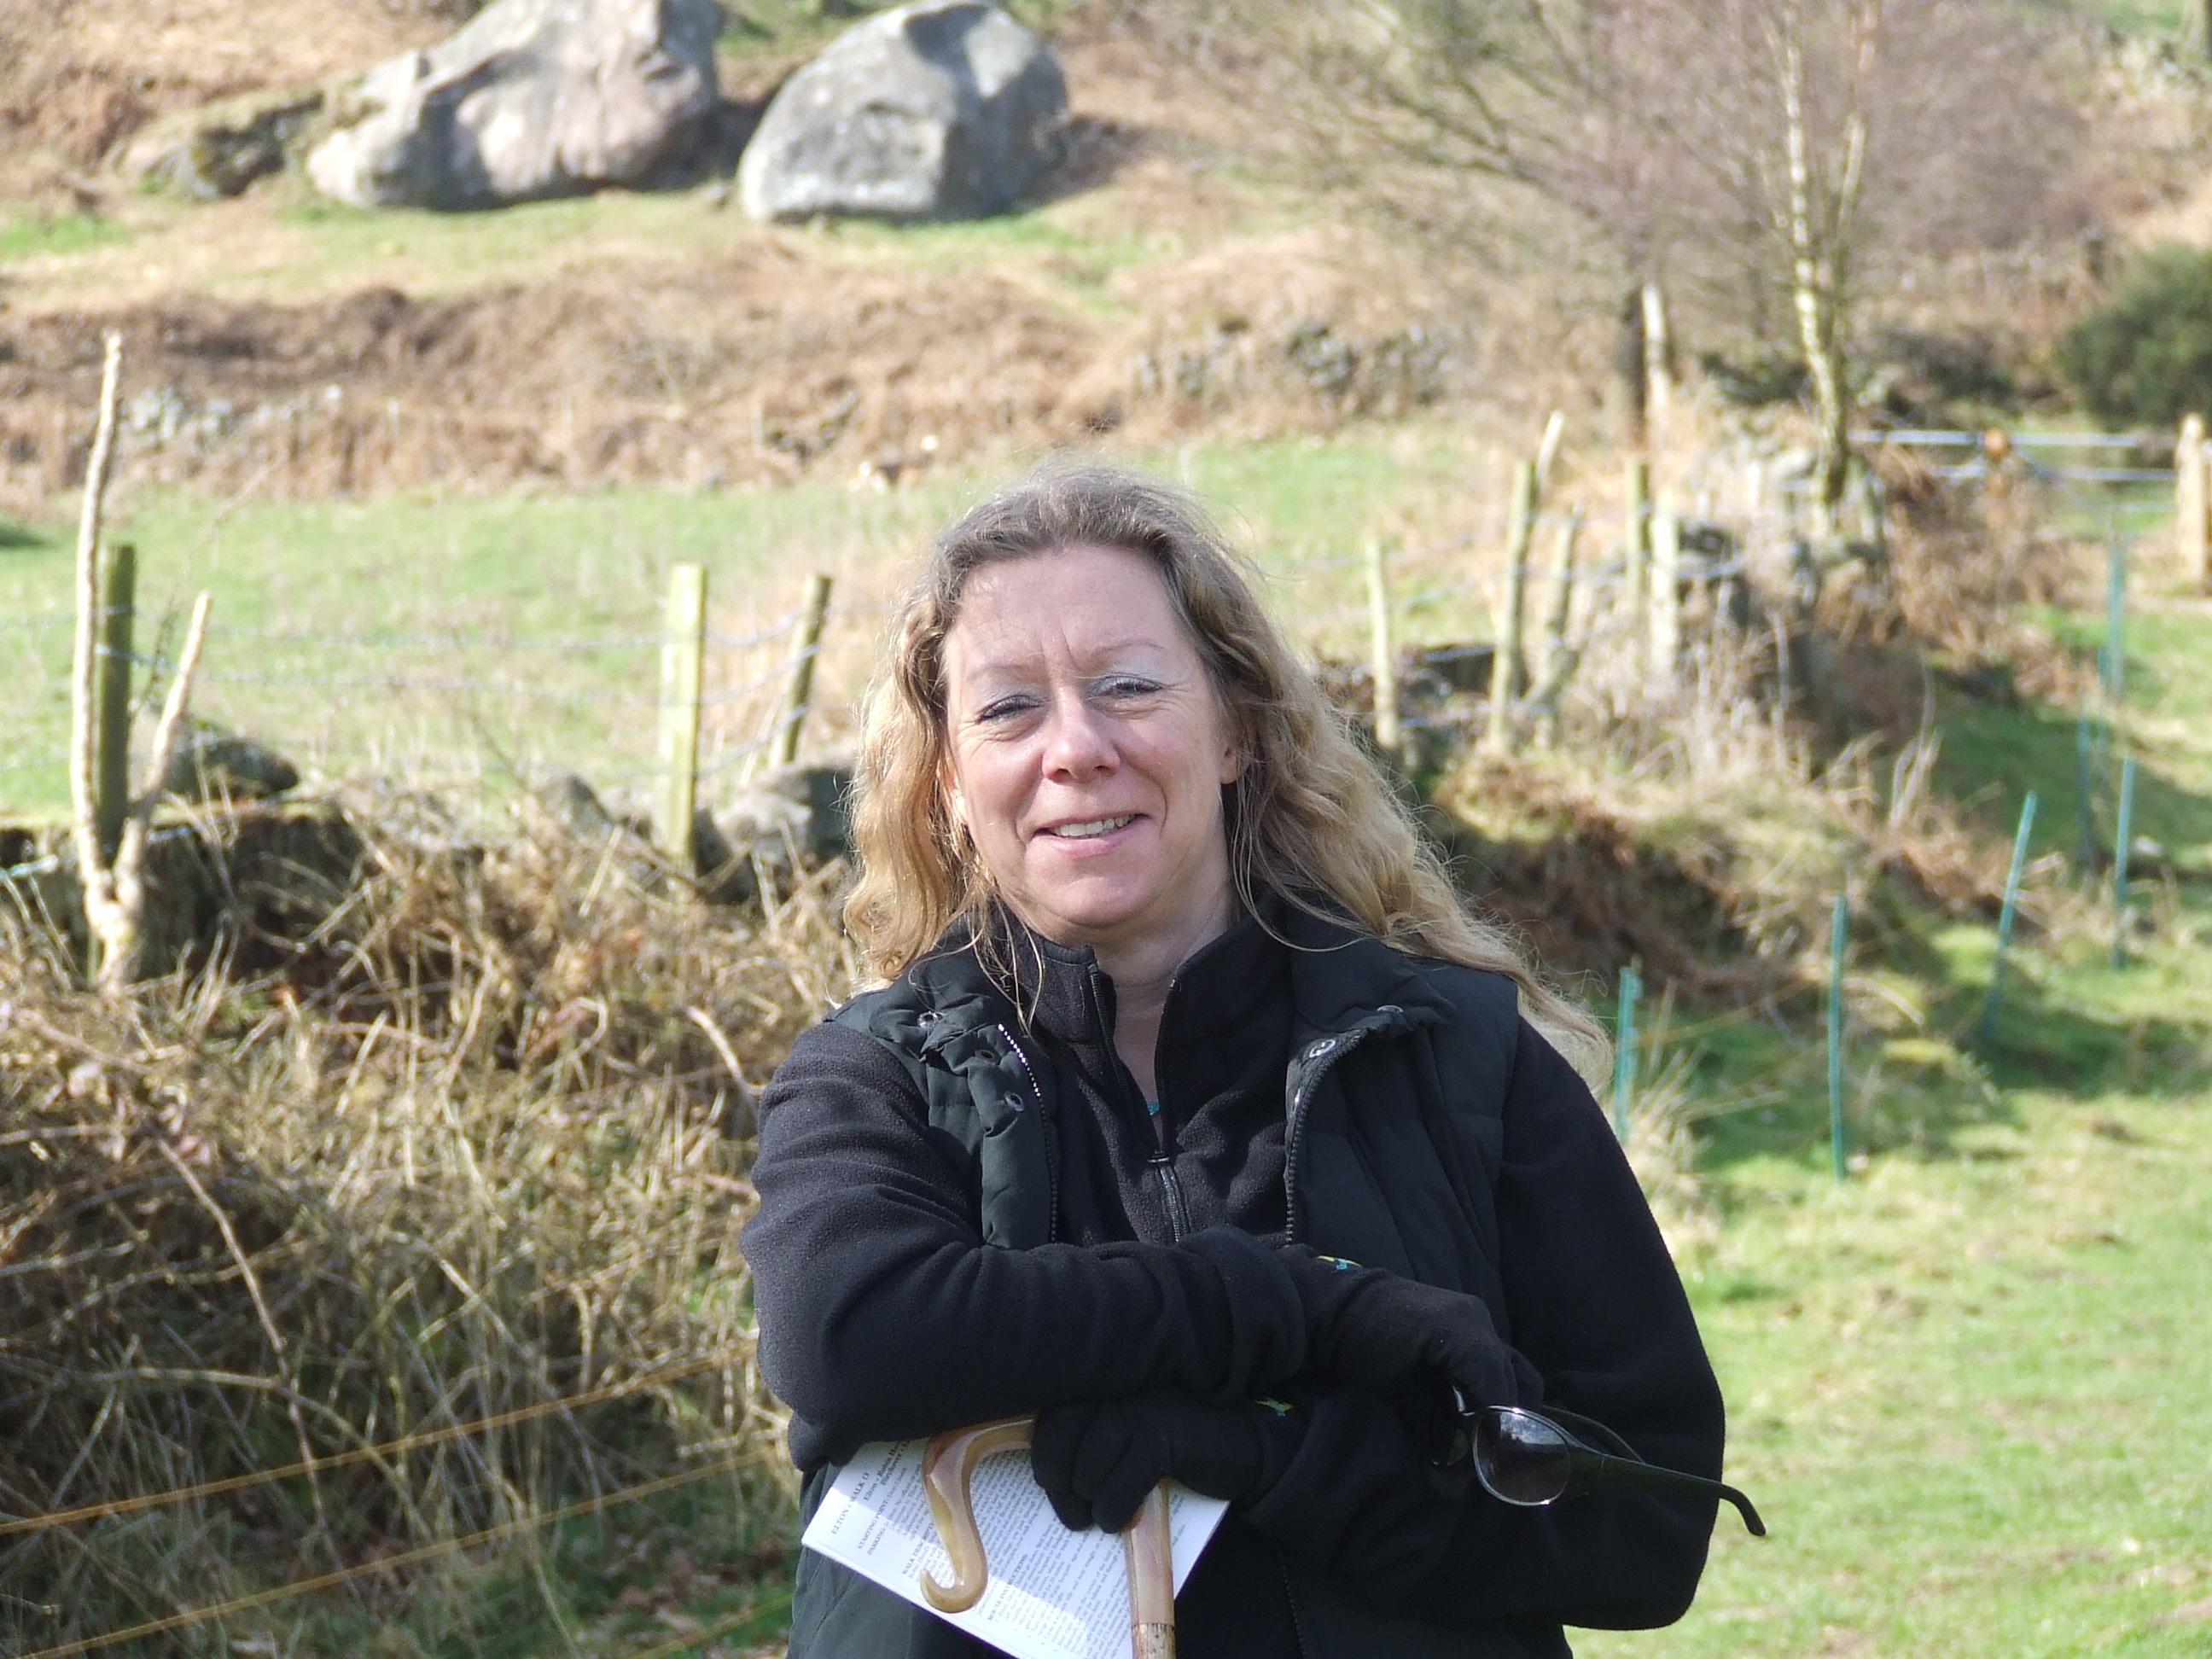 Lesley Stubbings